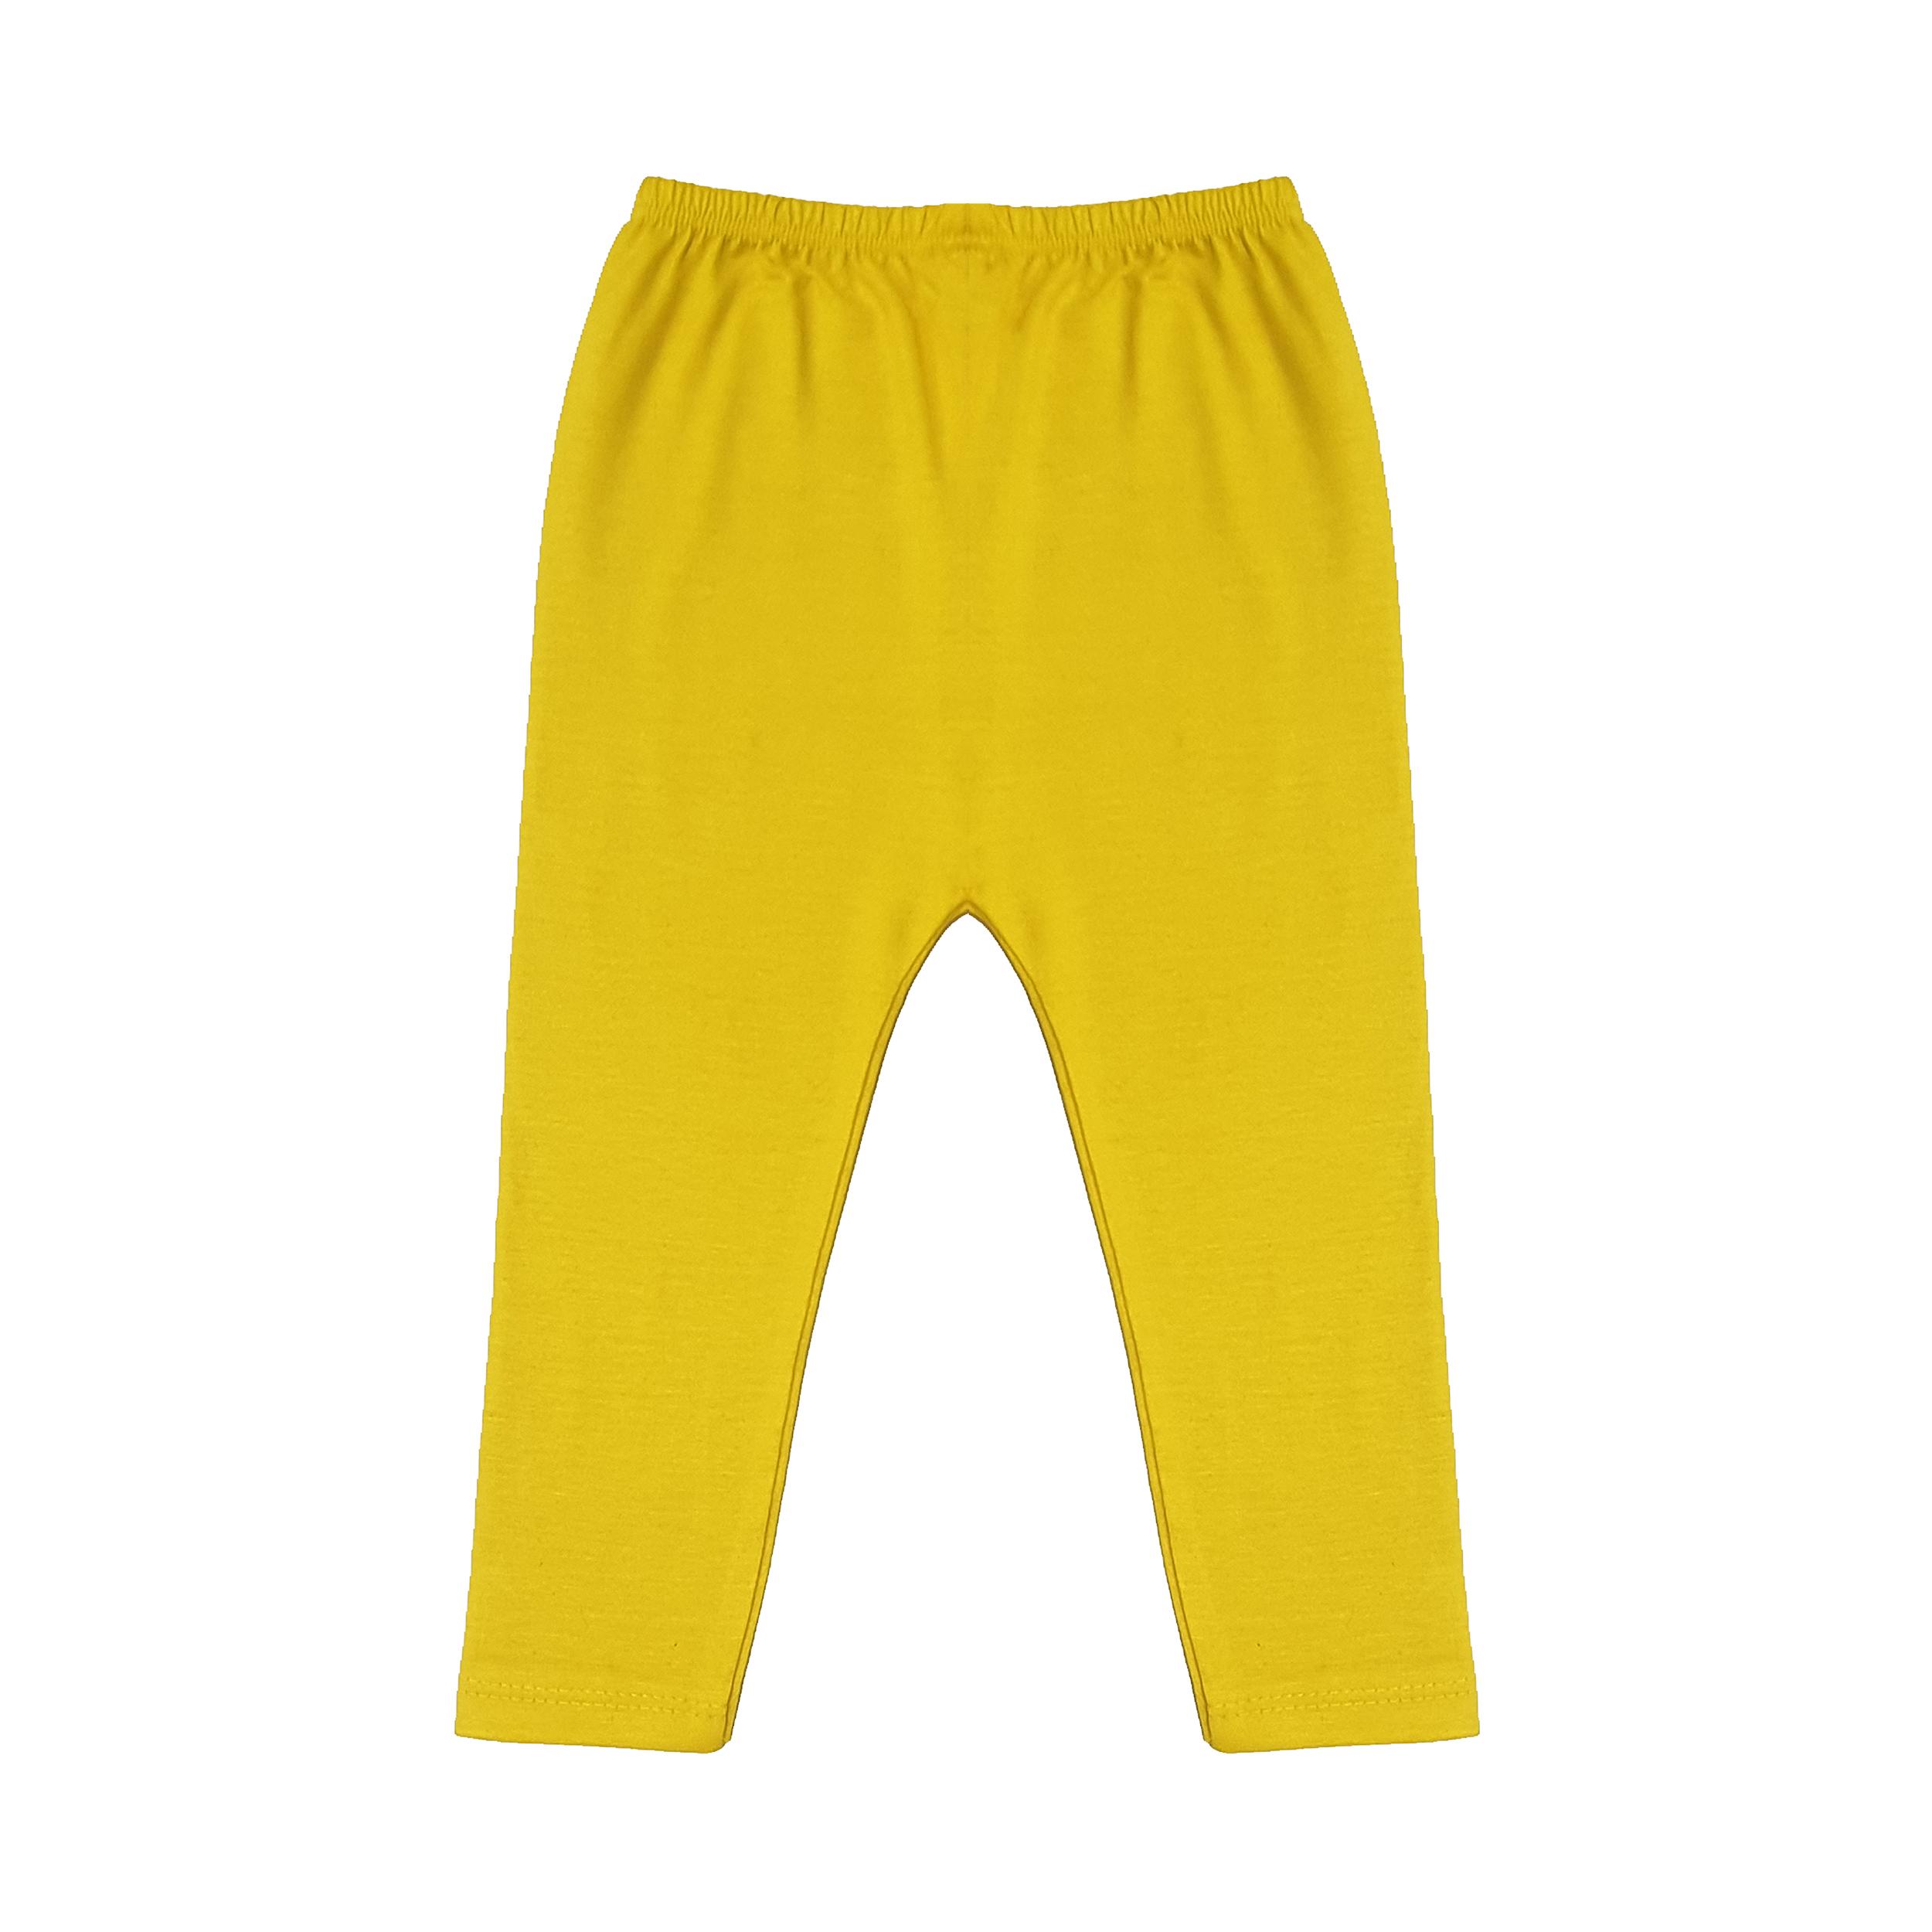 شلوار دخترانه افراتین کد 5532 رنگ زرد